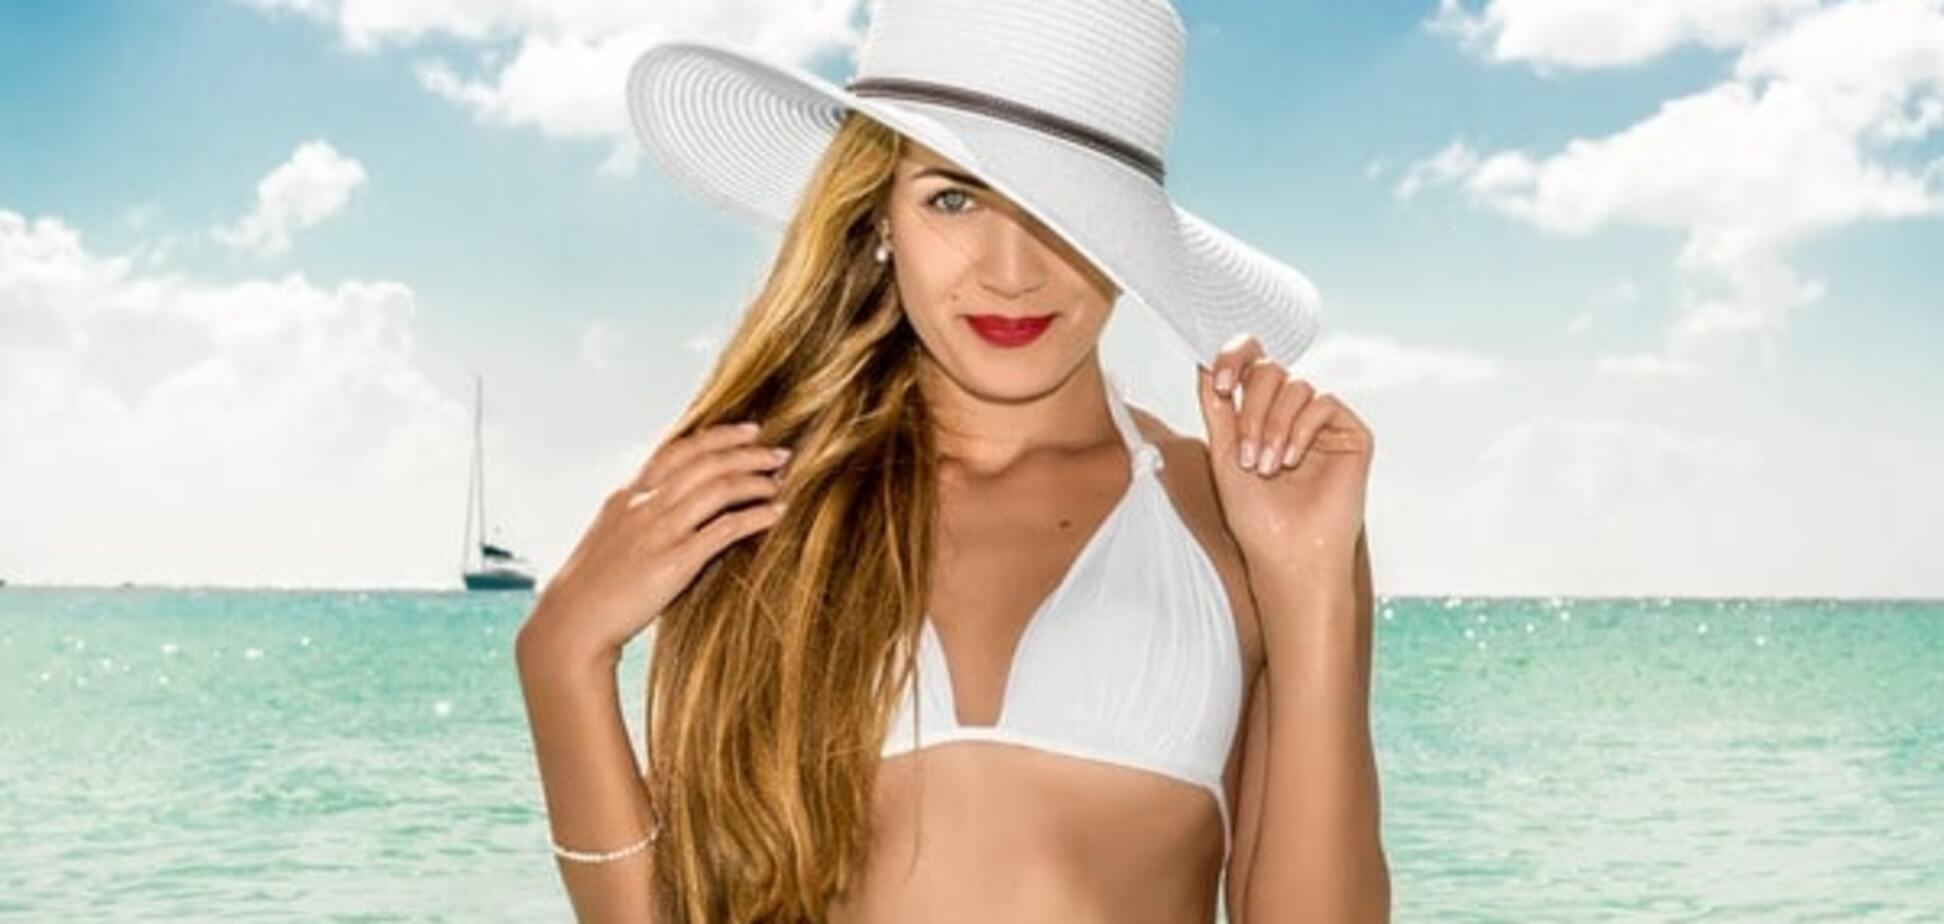 Криштиану Роналду закрутил роман с финалисткой конкурса Мисс Вселенная: роскошные фото девушки